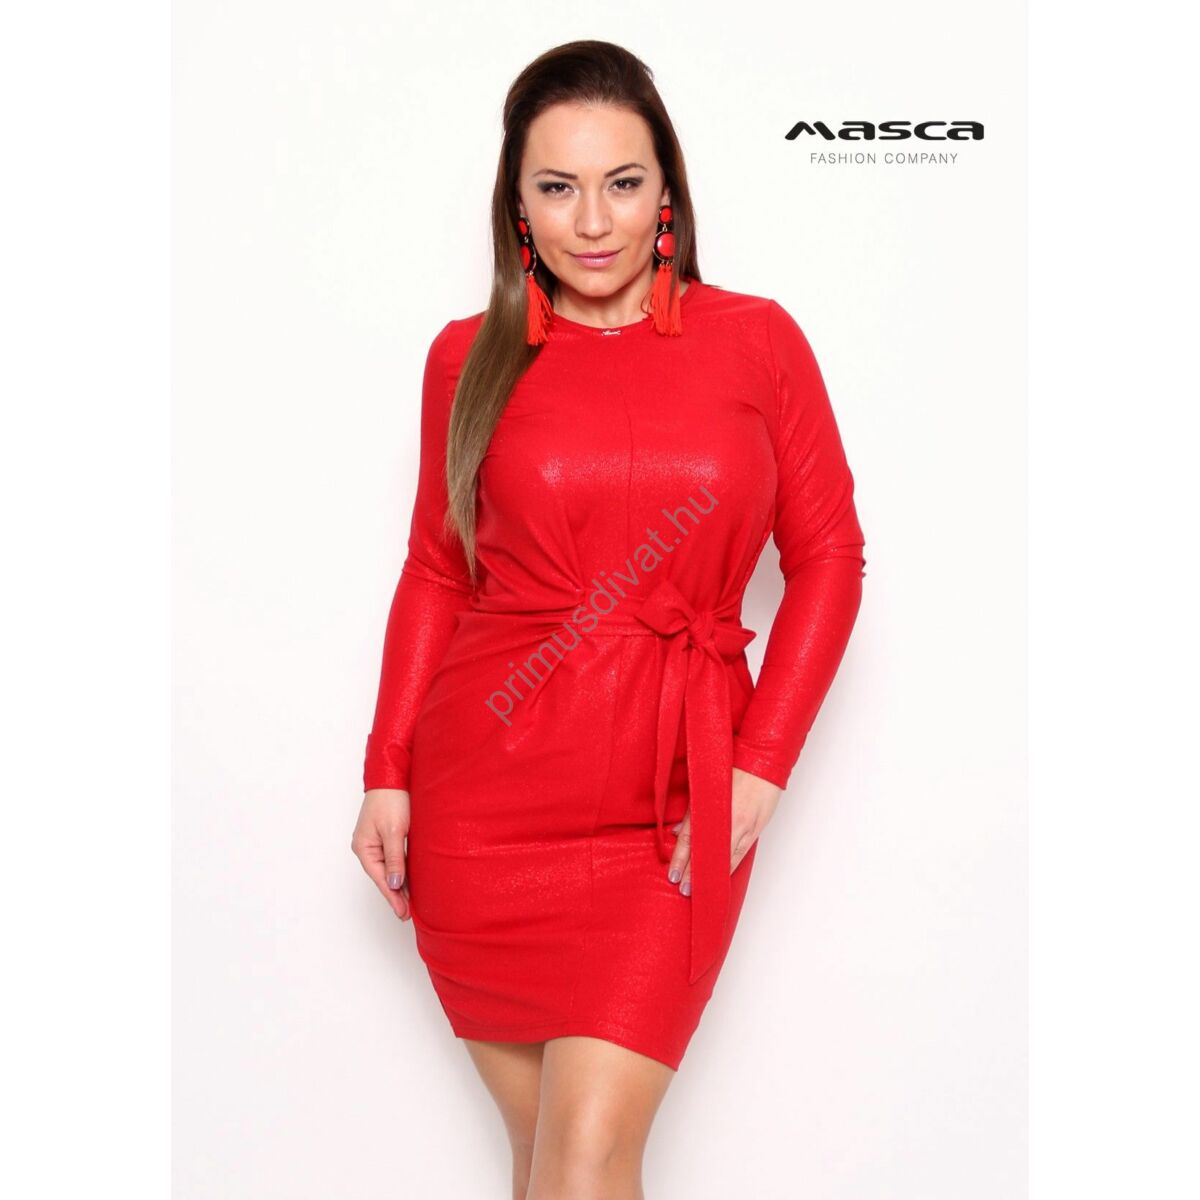 Masca Fashion derekán kötővel összehúzott, csillámos felületű hosszú ujjú piros alkalmi miniruha